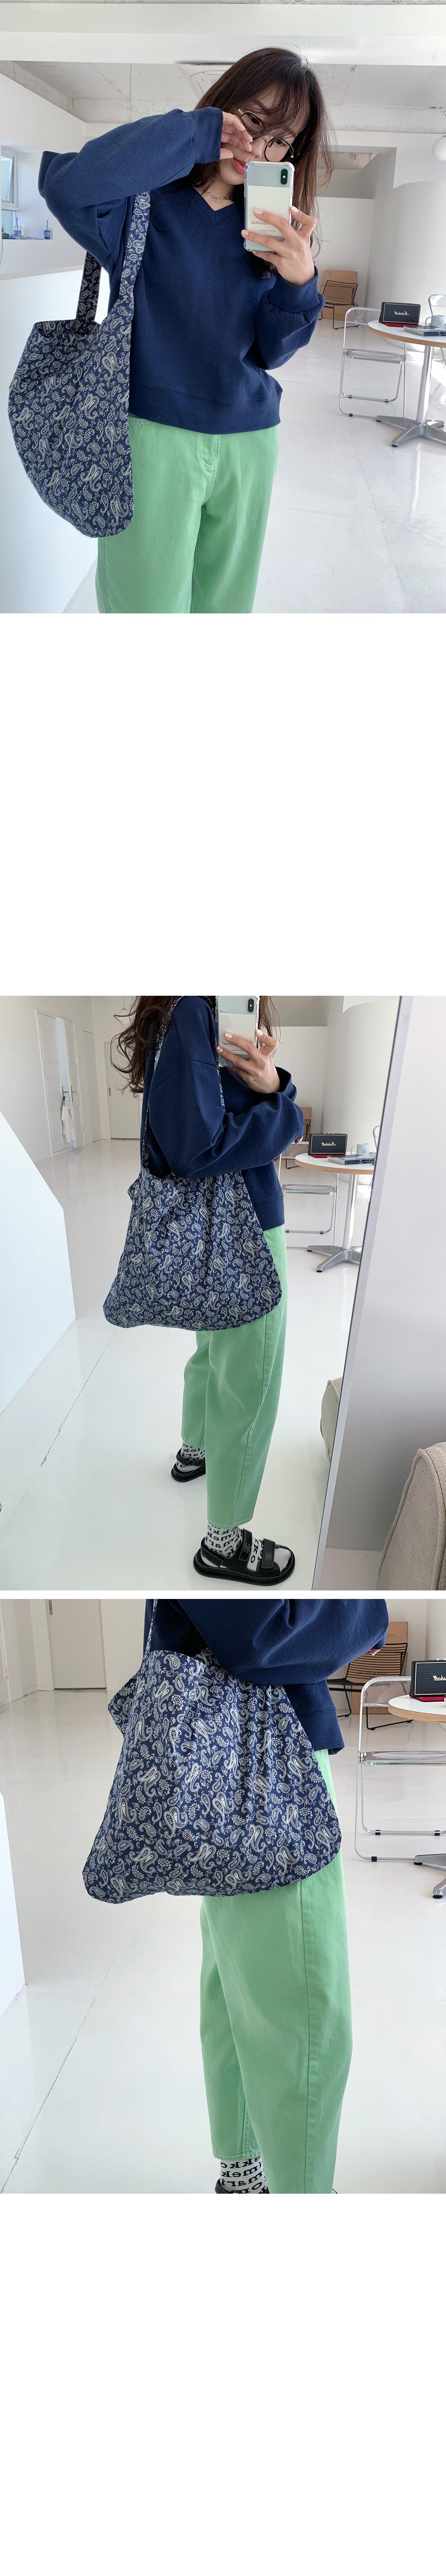 Paisley fabric bag